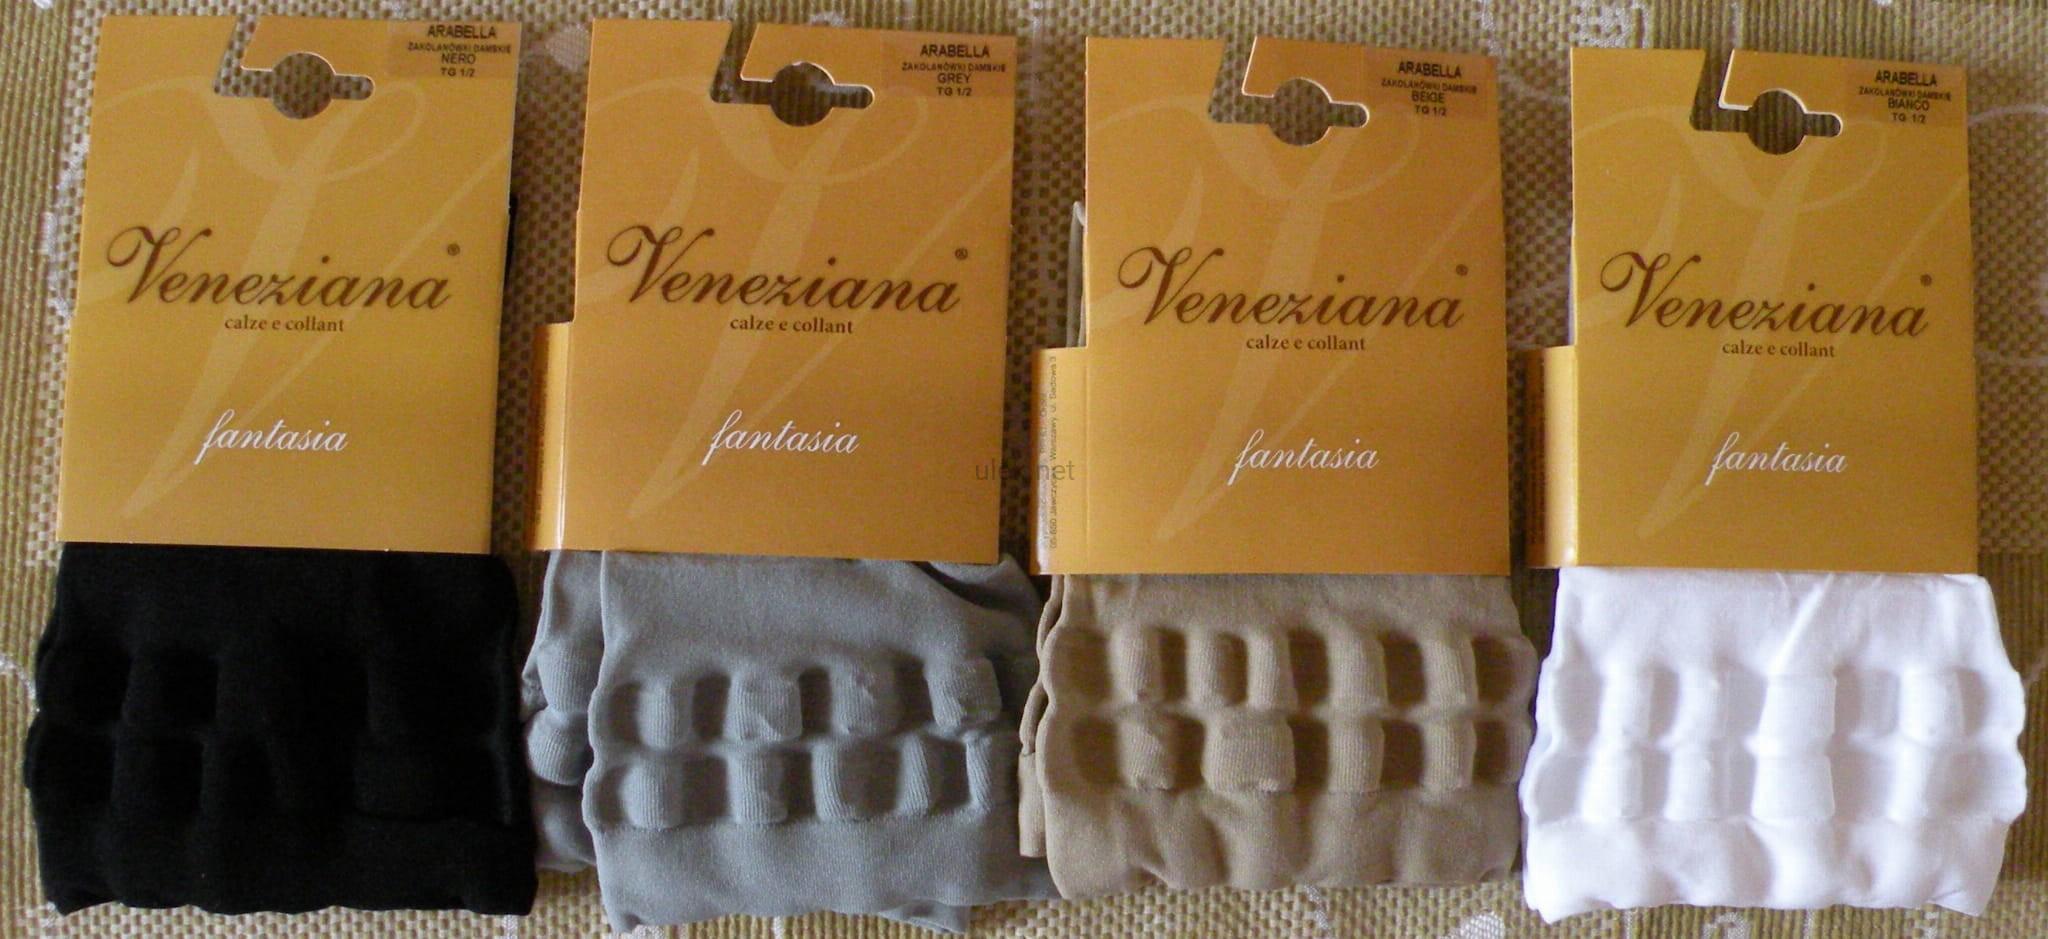 5922416a289080 pończochy bez stóp - zakolanówki Veneziana Arabella 50 den ulek store